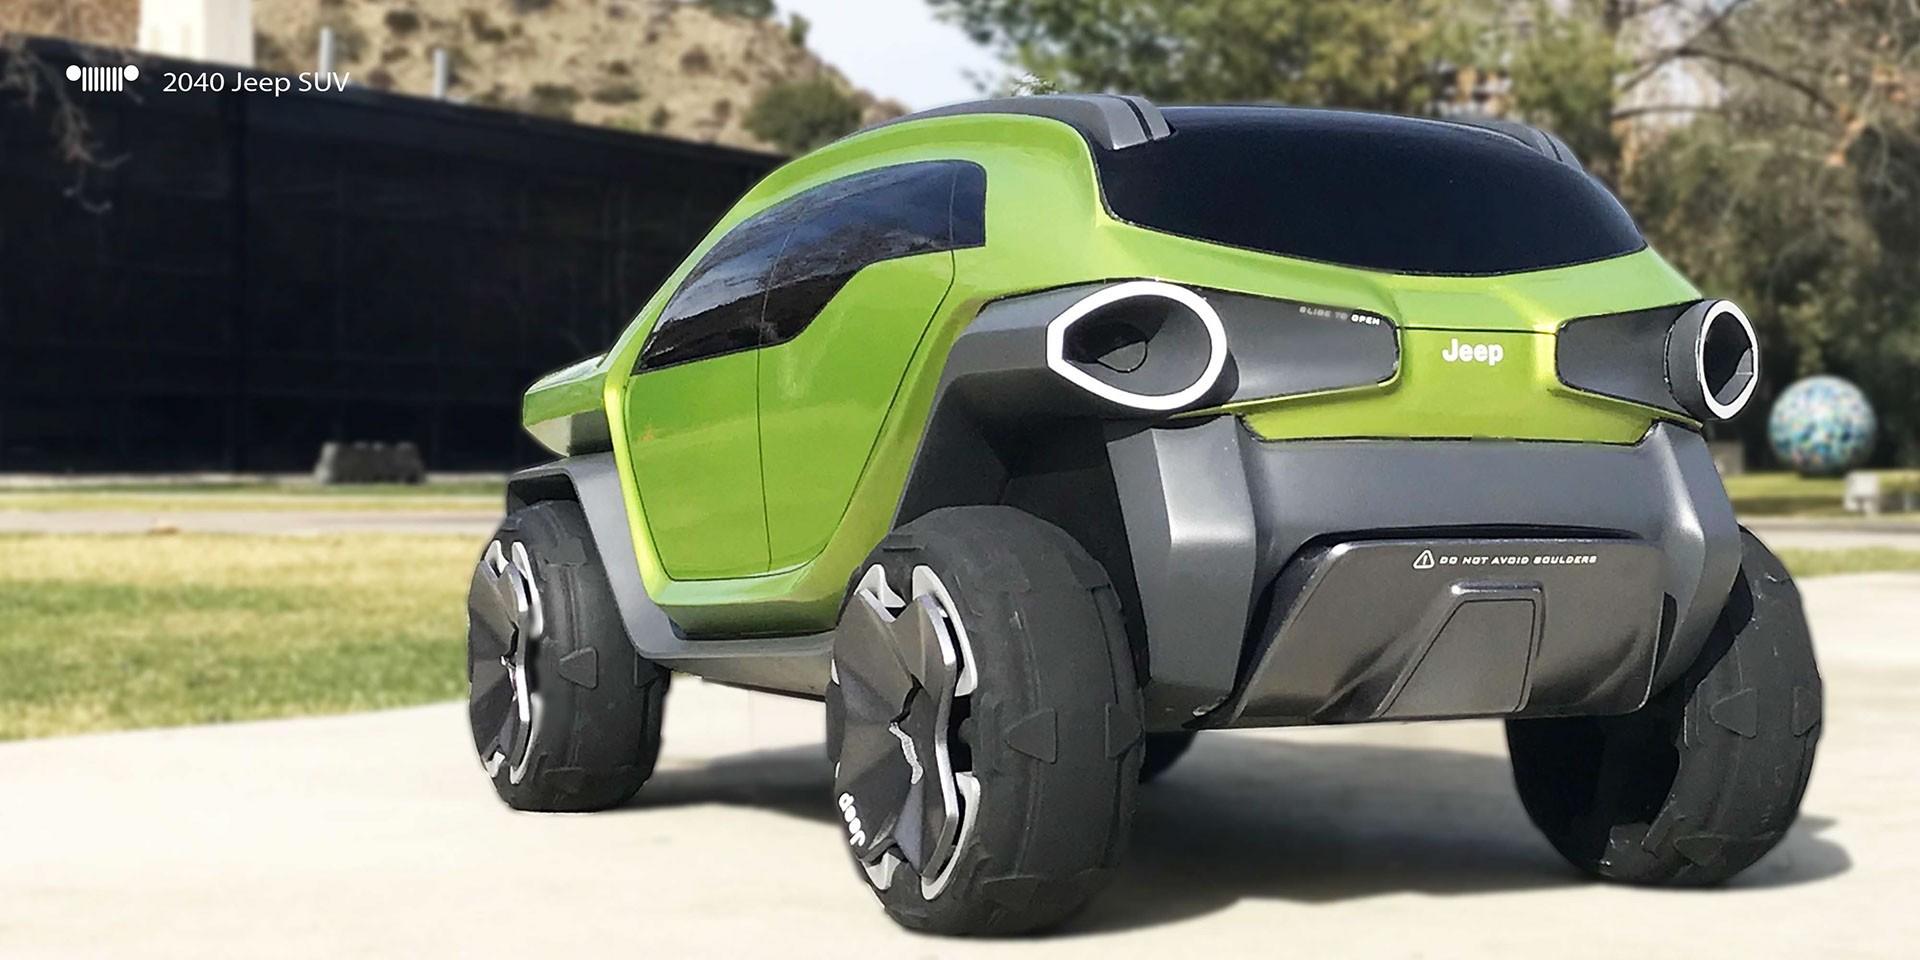 Jeep đang phát triển xe off-road theo hướng siêu nhỏ gọn tới bất ngờ - 1